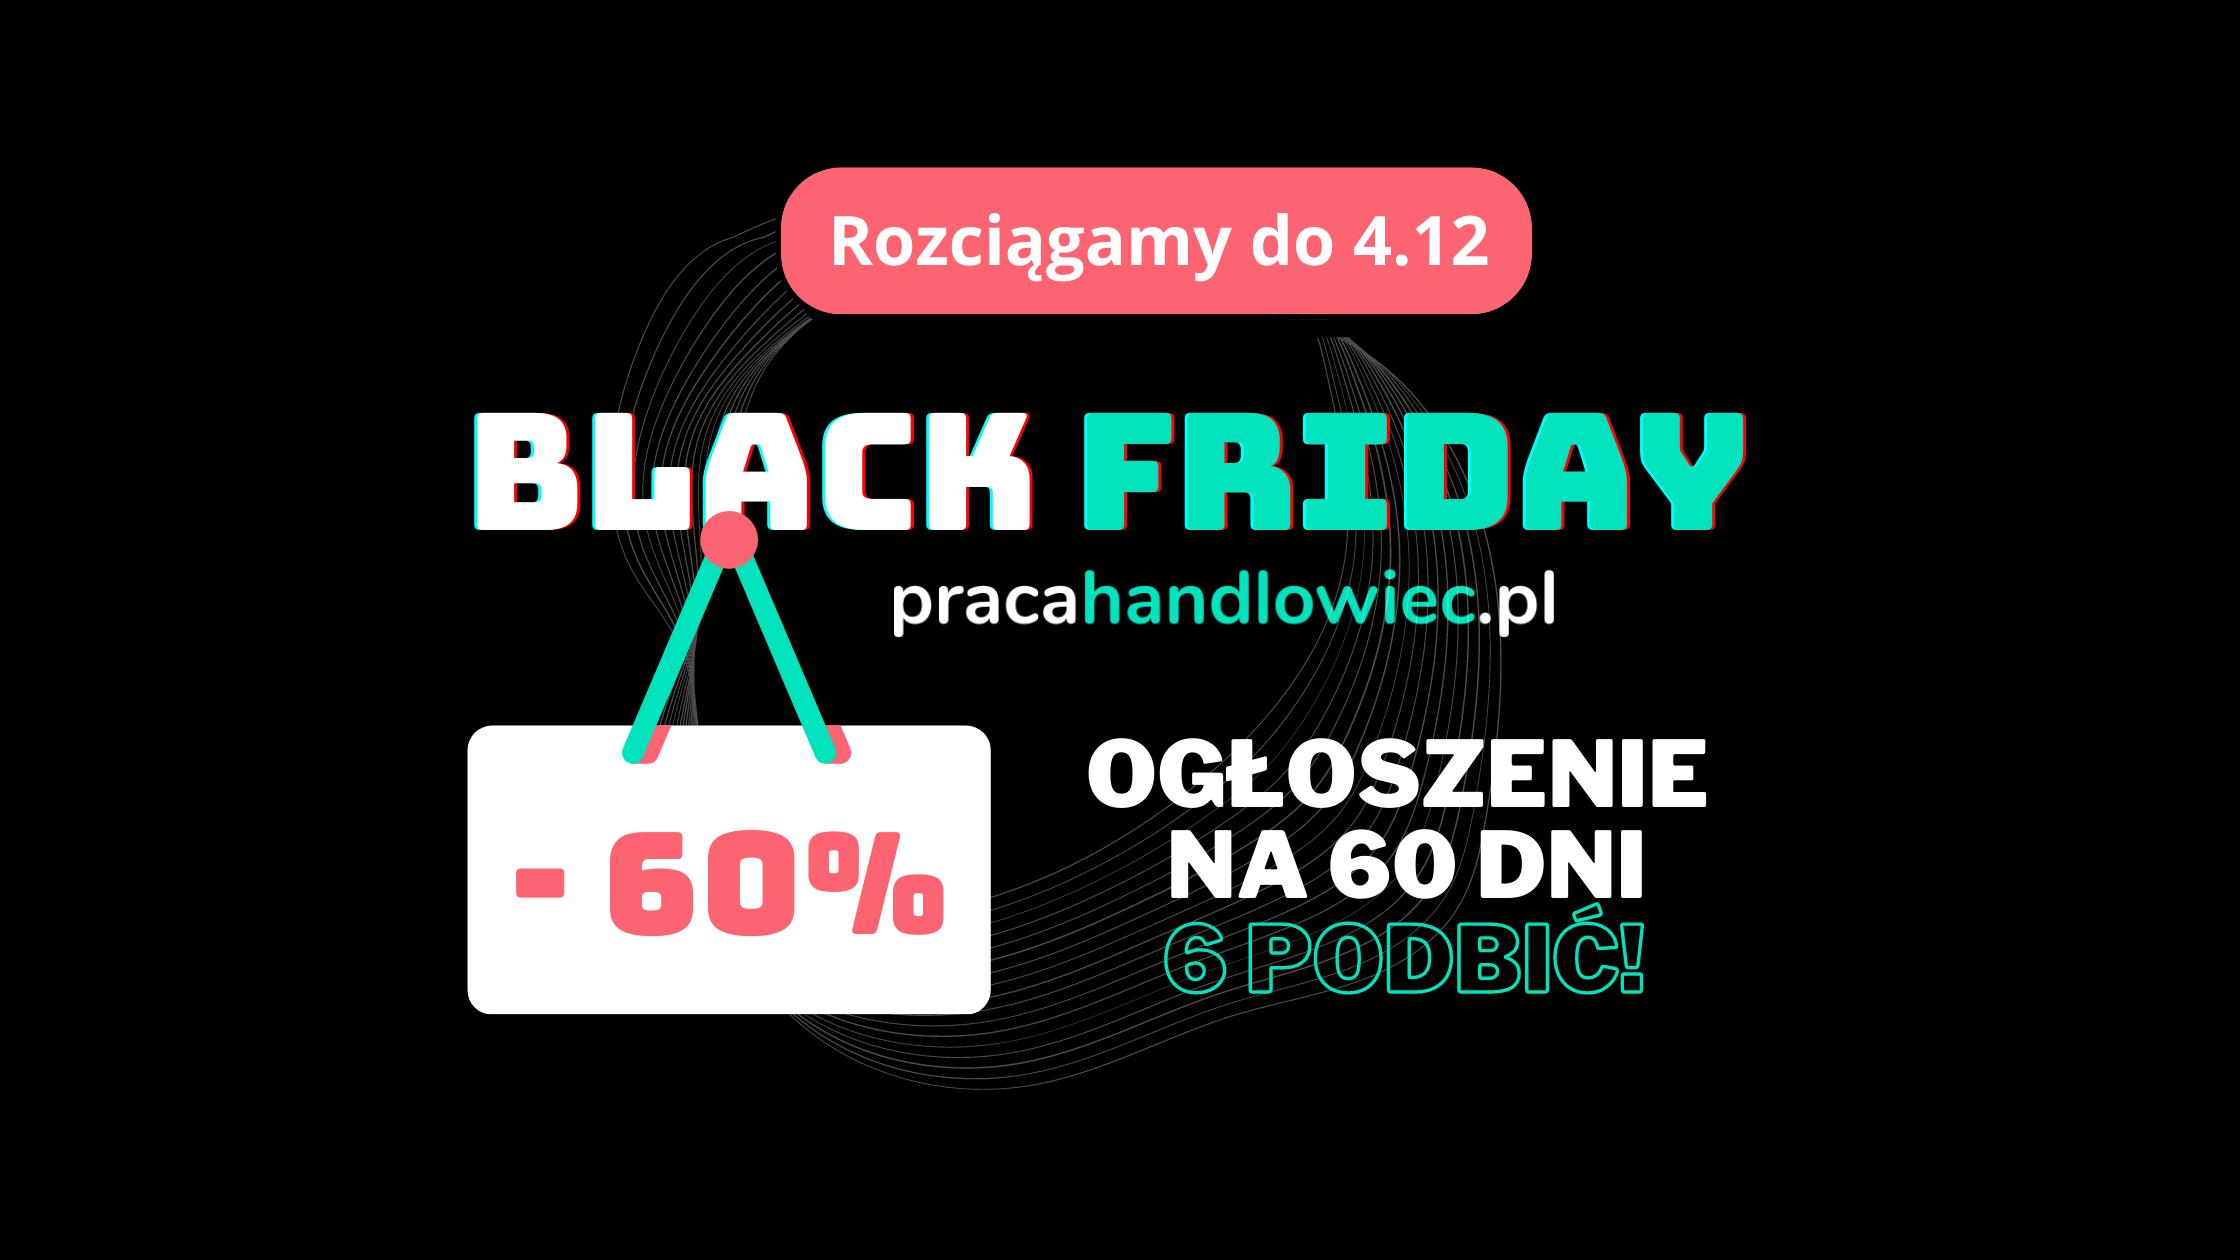 Black Friday - promocja